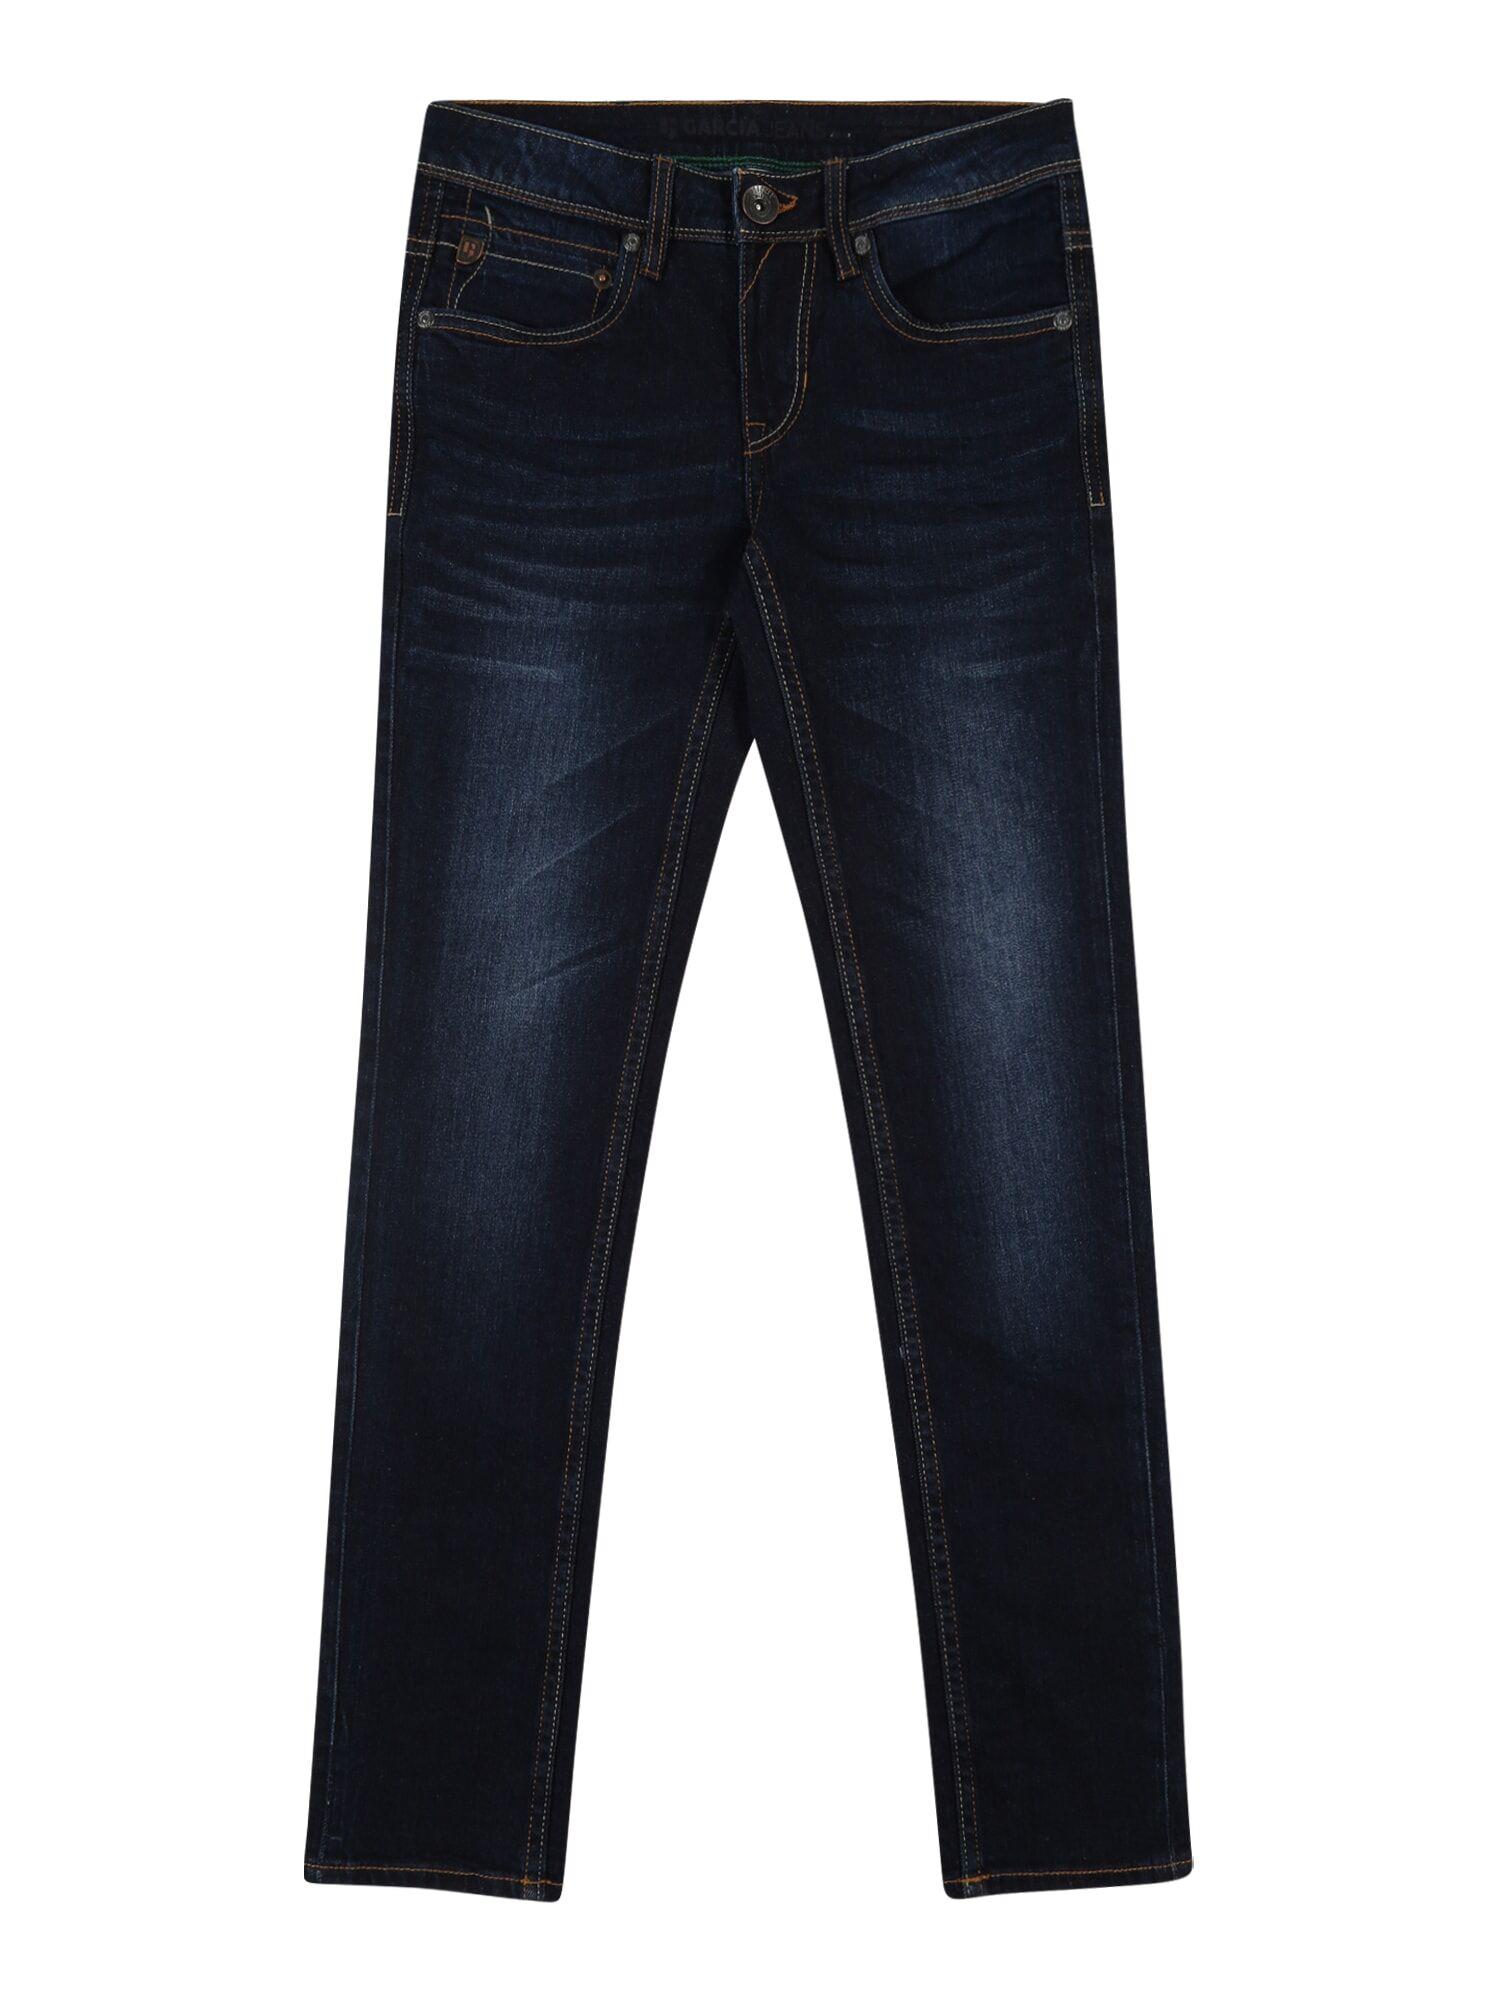 GARCIA Jean 'Xandro'  - Bleu - Taille: 164 - boy